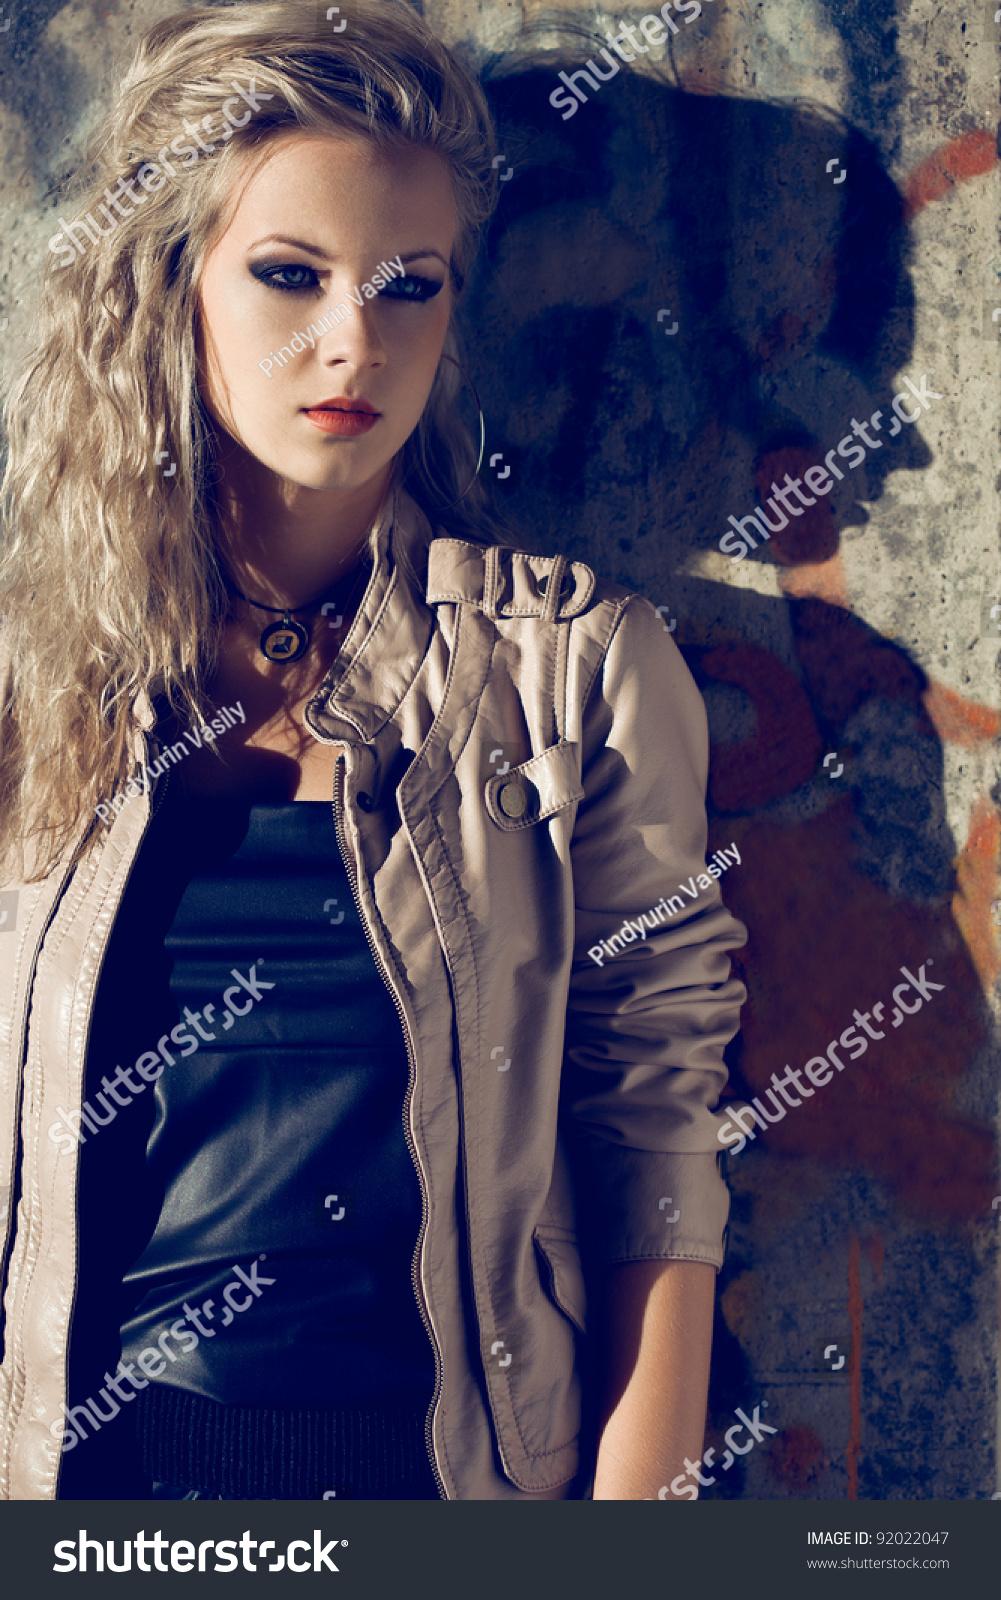 Beautiful Blond Woman Wearing Leather Jacket Stock Photo ...